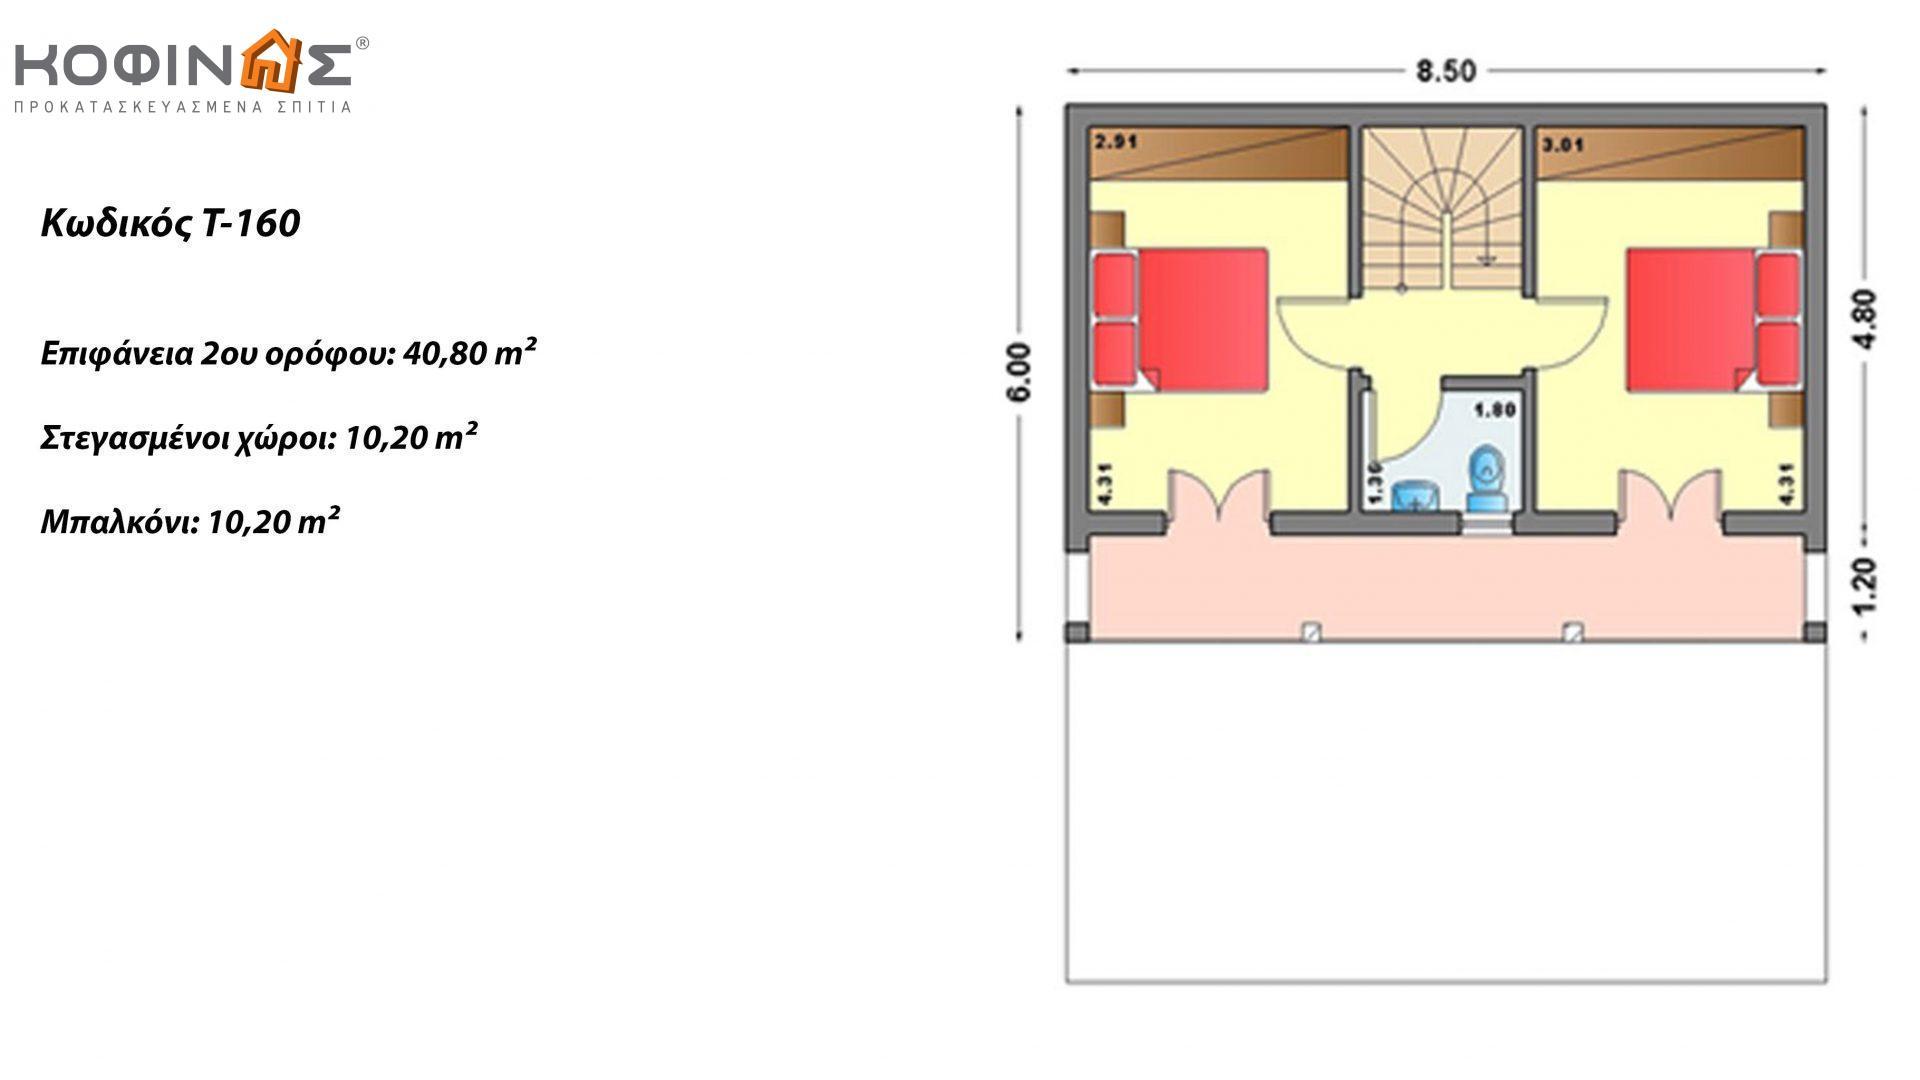 Τριώροφη Κατοικία T-160, συνολικής επιφάνειας 160,90 τ.μ. ,συνολική επιφάνεια στεγασμένων χώρων 64,10 τ.μ., μπαλκόνια 10,20τ.μ.